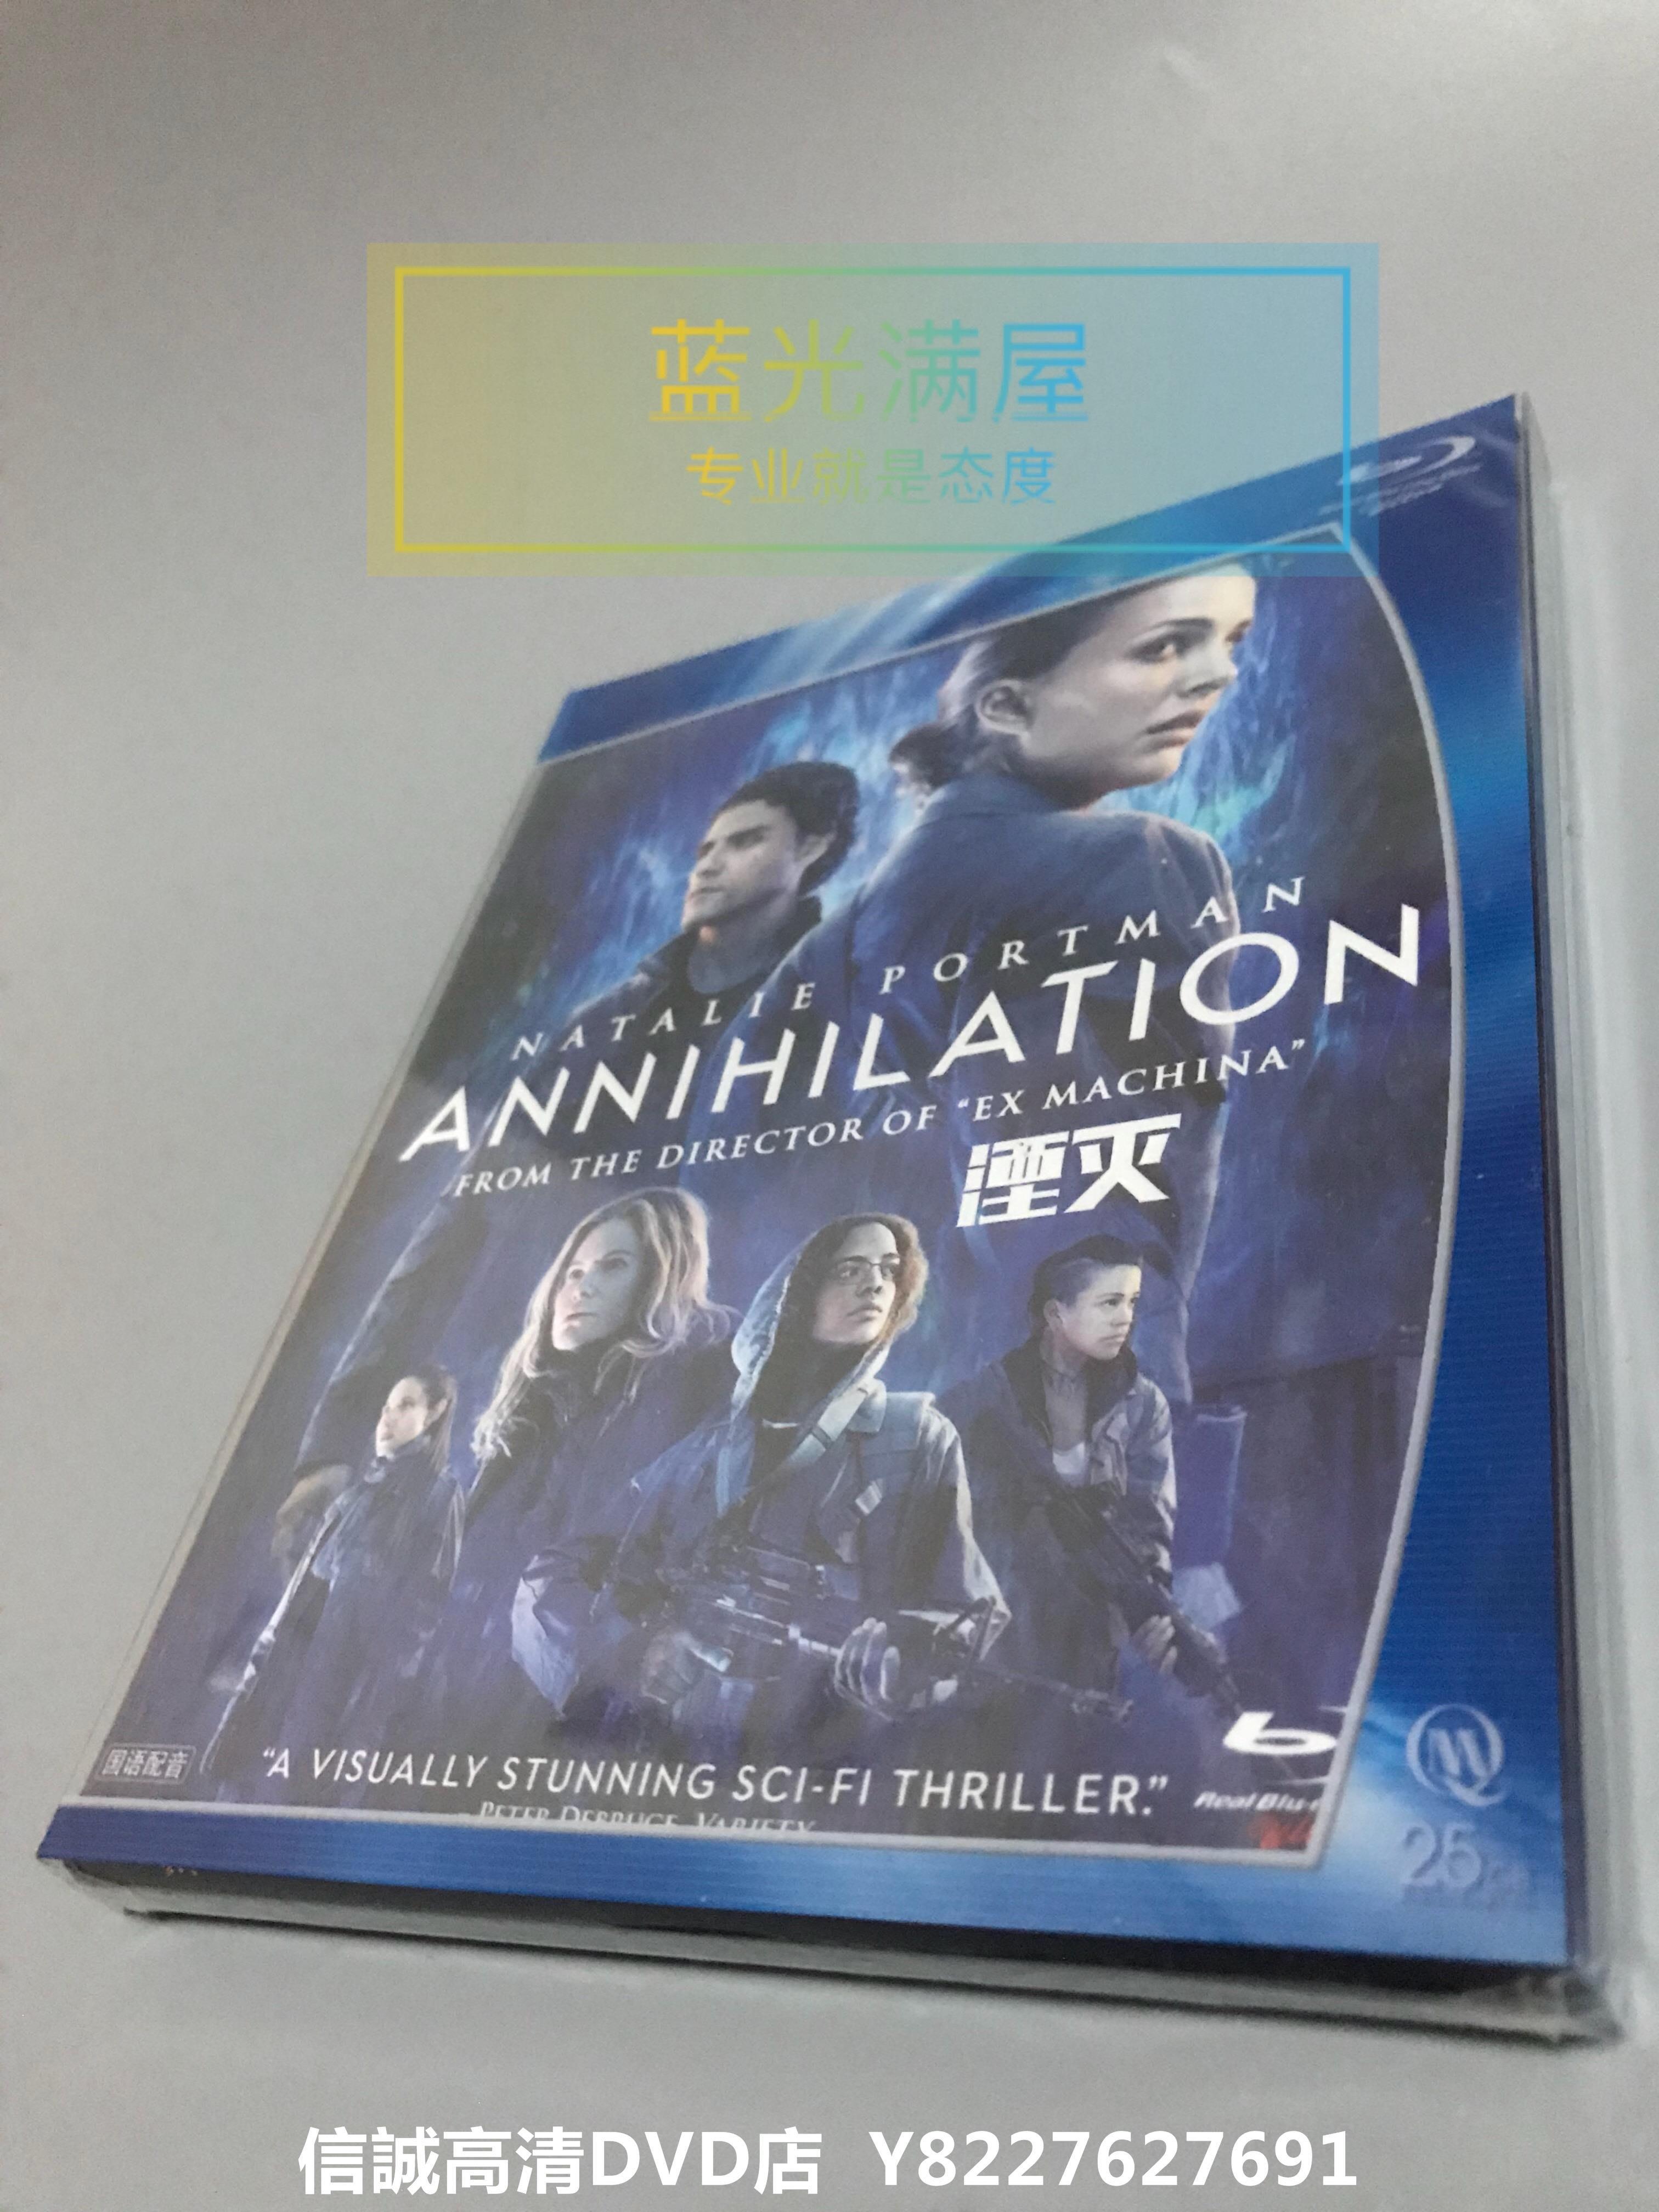 信誠高清DVD店 湮滅 Annihilation 藍光BD高清電影碟片 全新盒裝 兩套免運